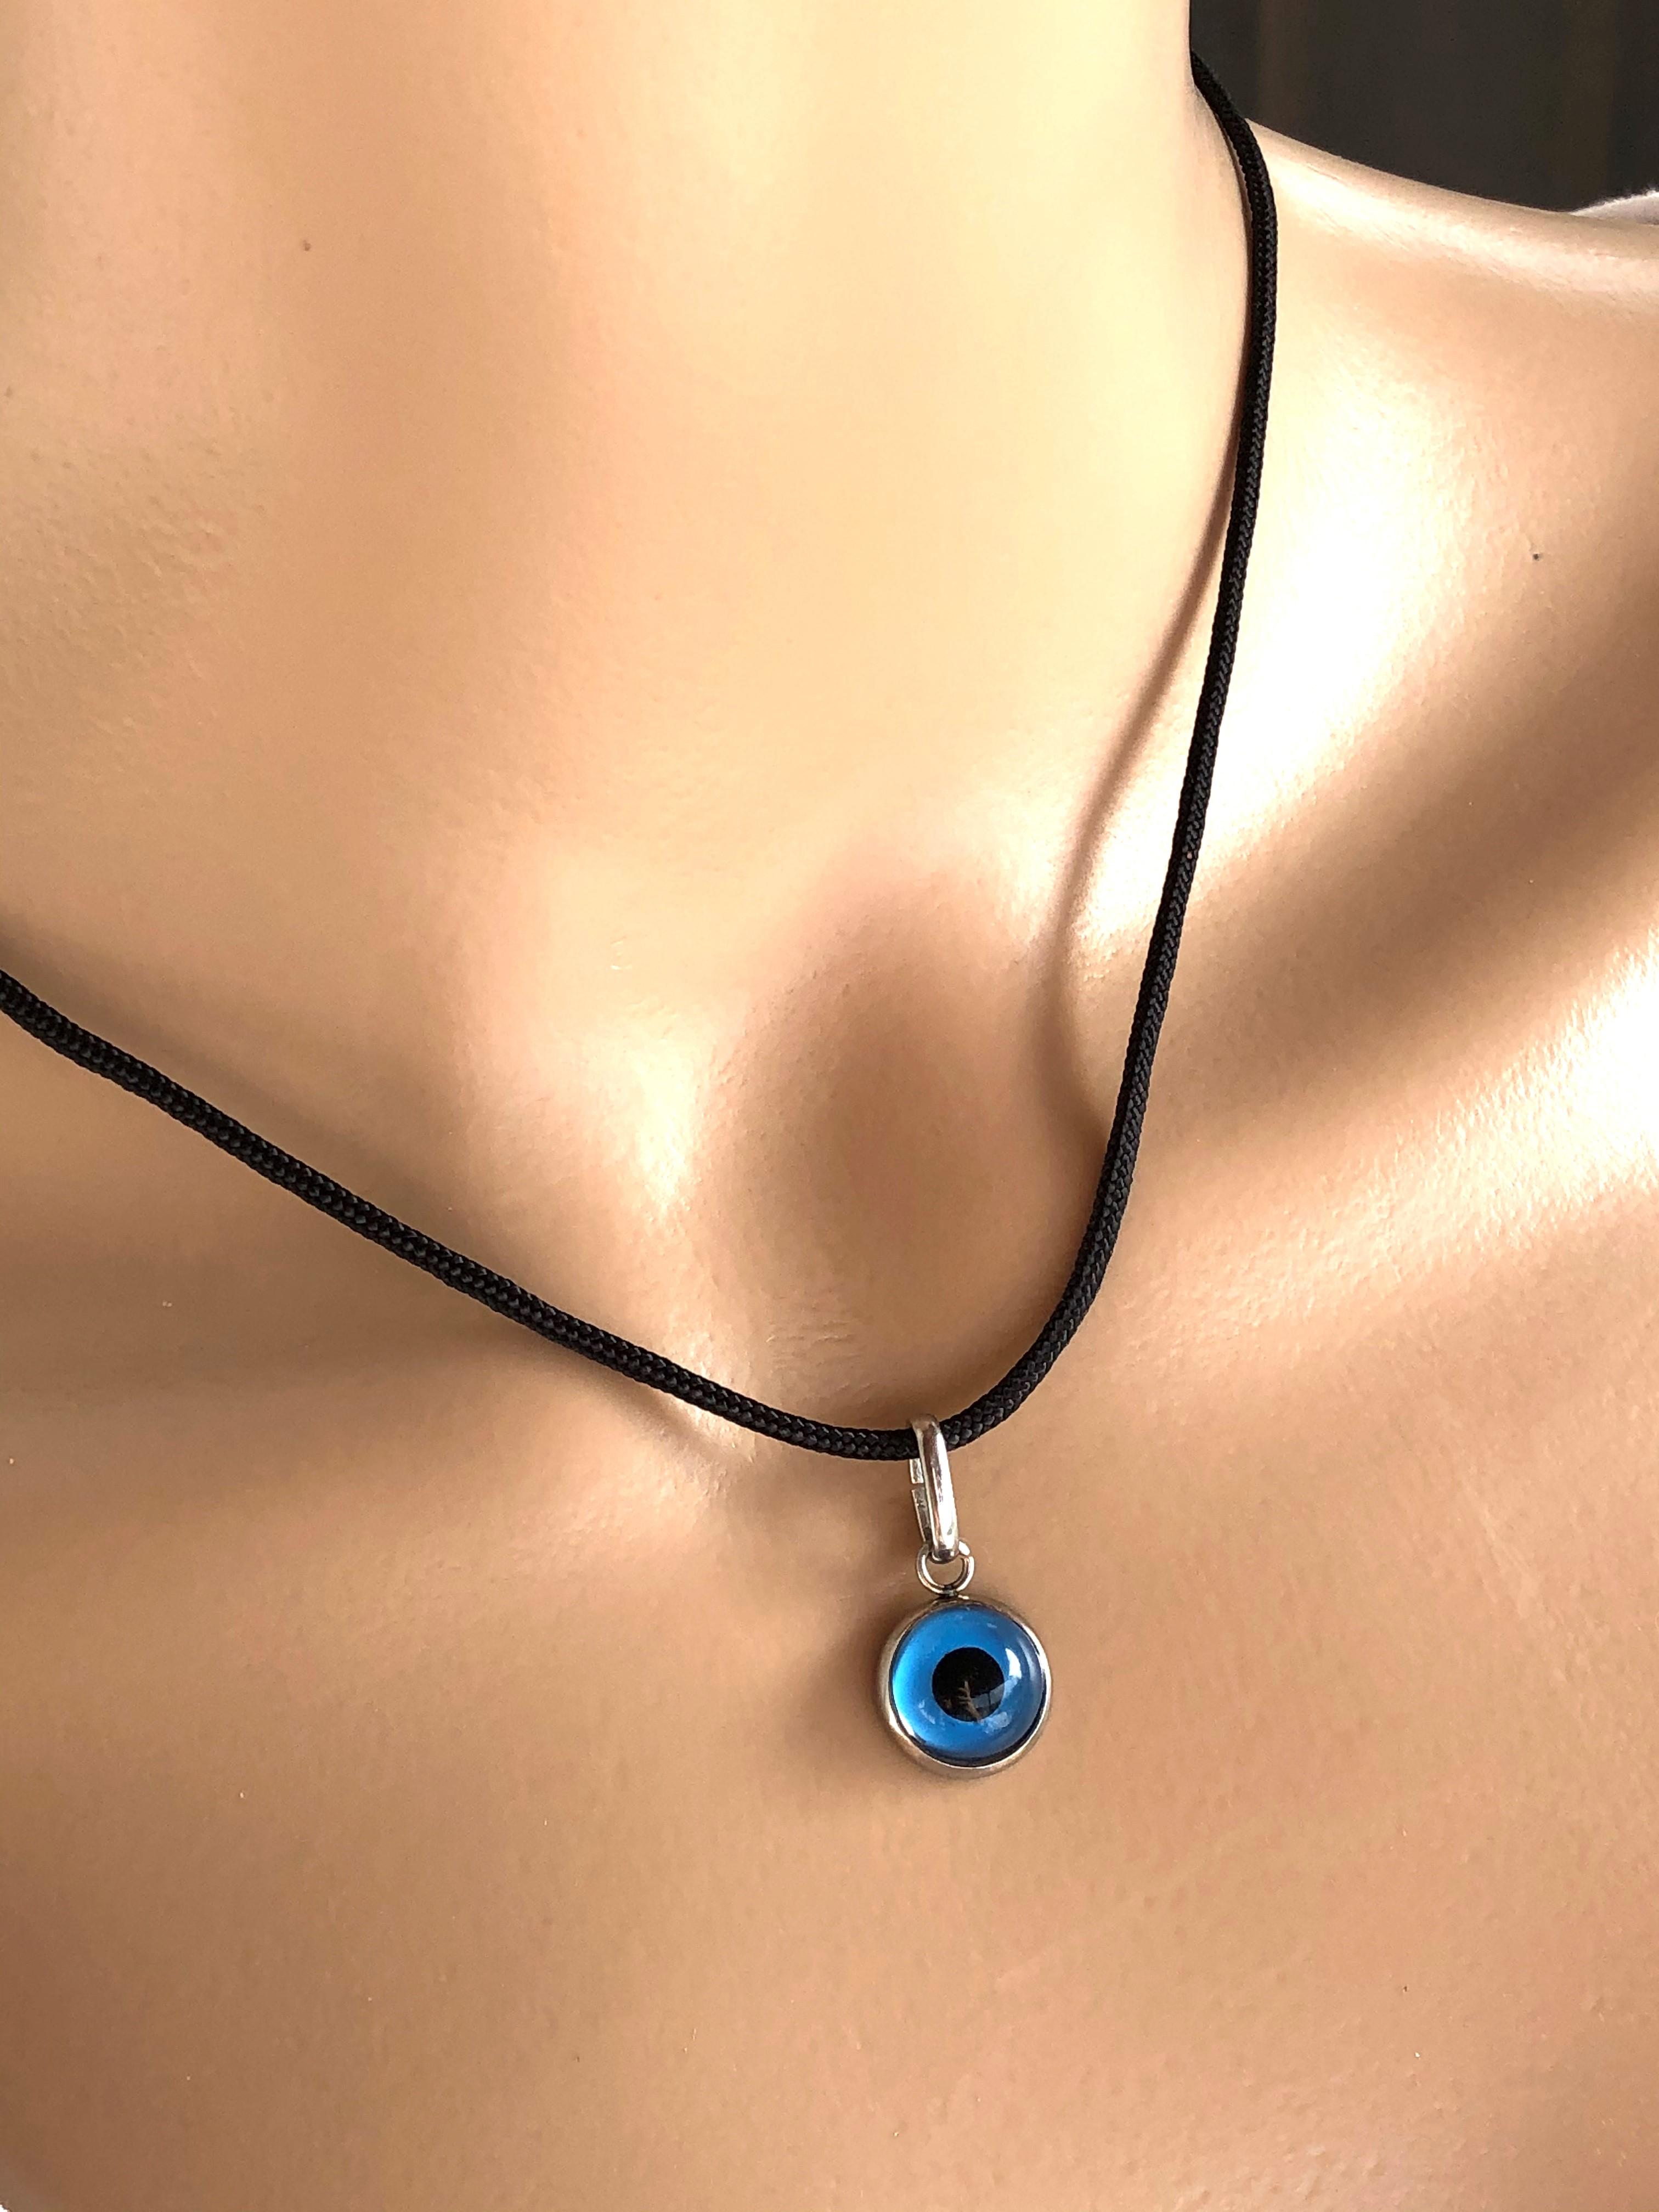 glass evil eye pendant necklace